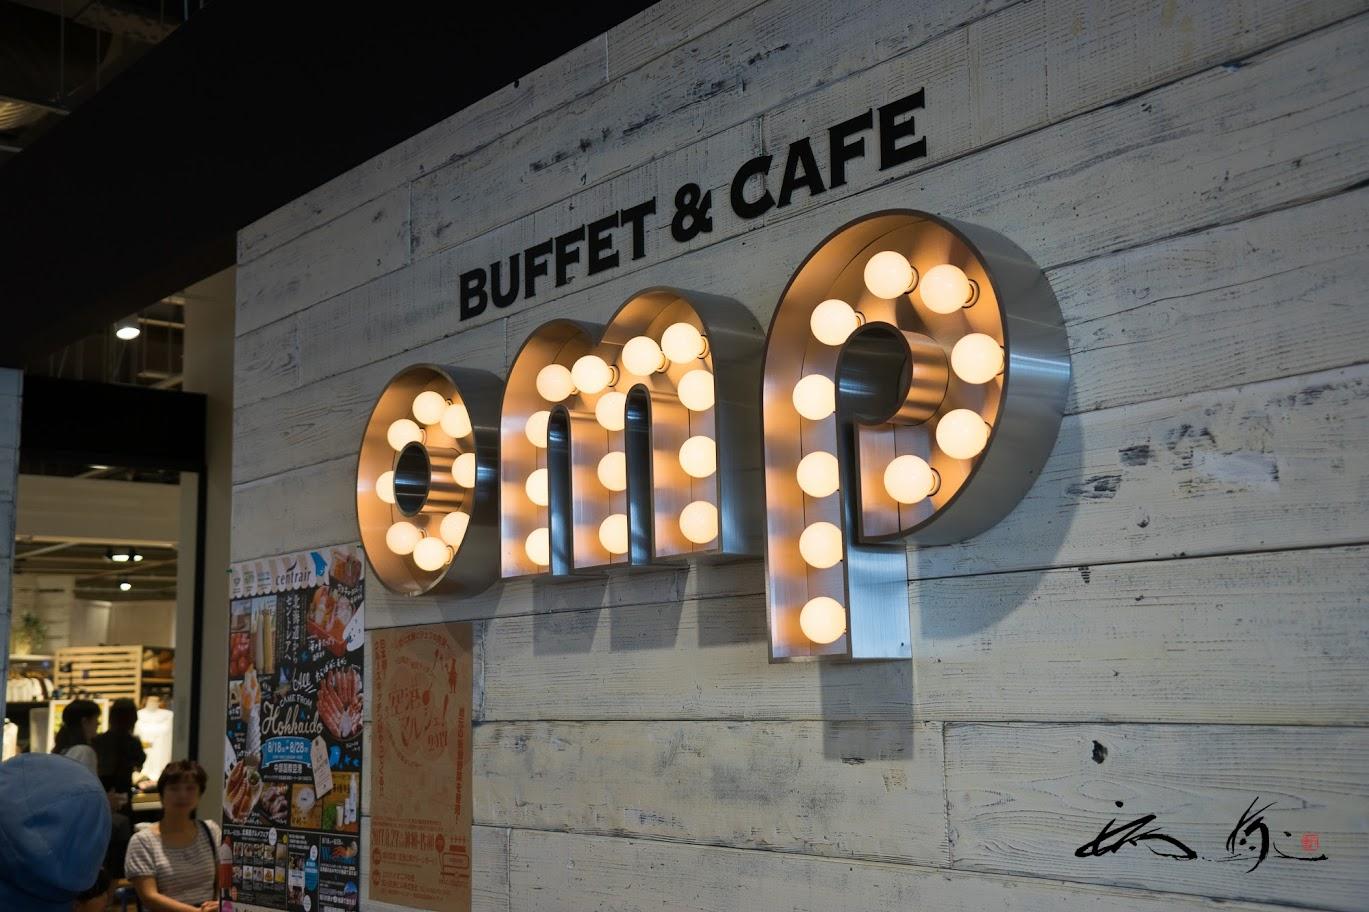 アルティモール東神楽店レストラン「ブッフェ & カフェ omp(オンプ)にてランチ